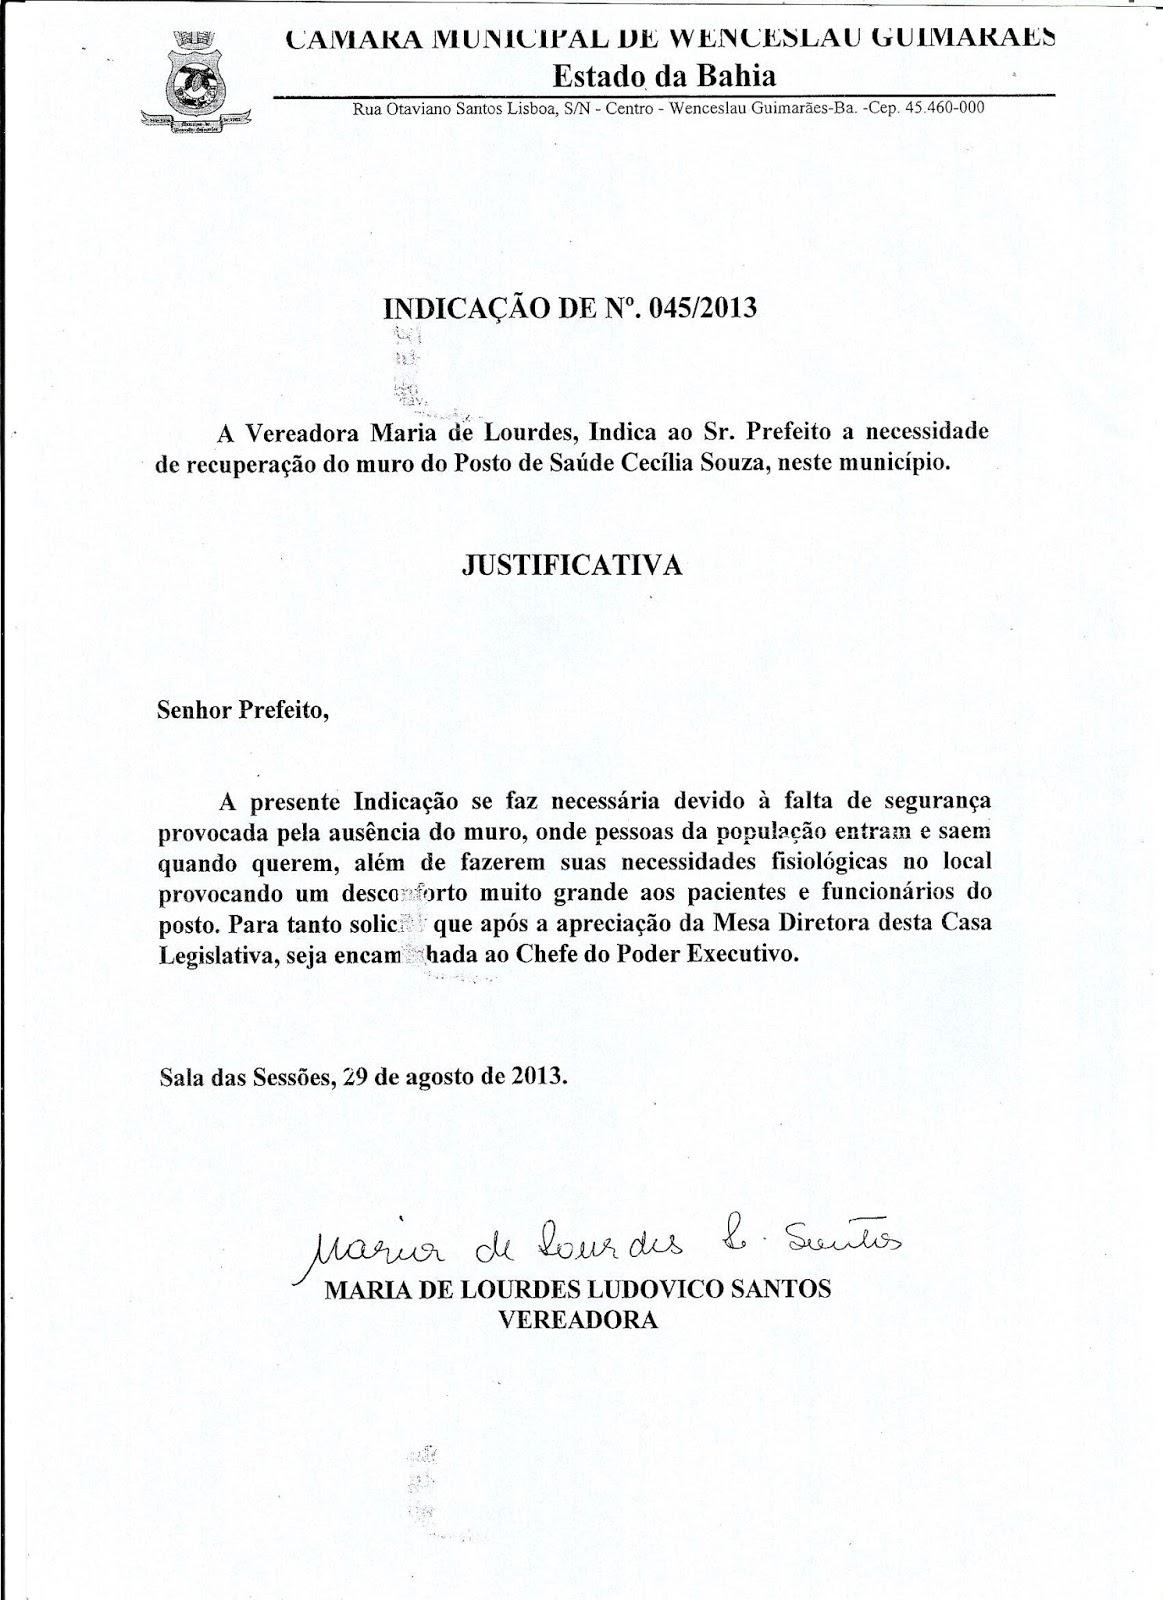 FREE BAIXAR AURELIO DICIONARIO